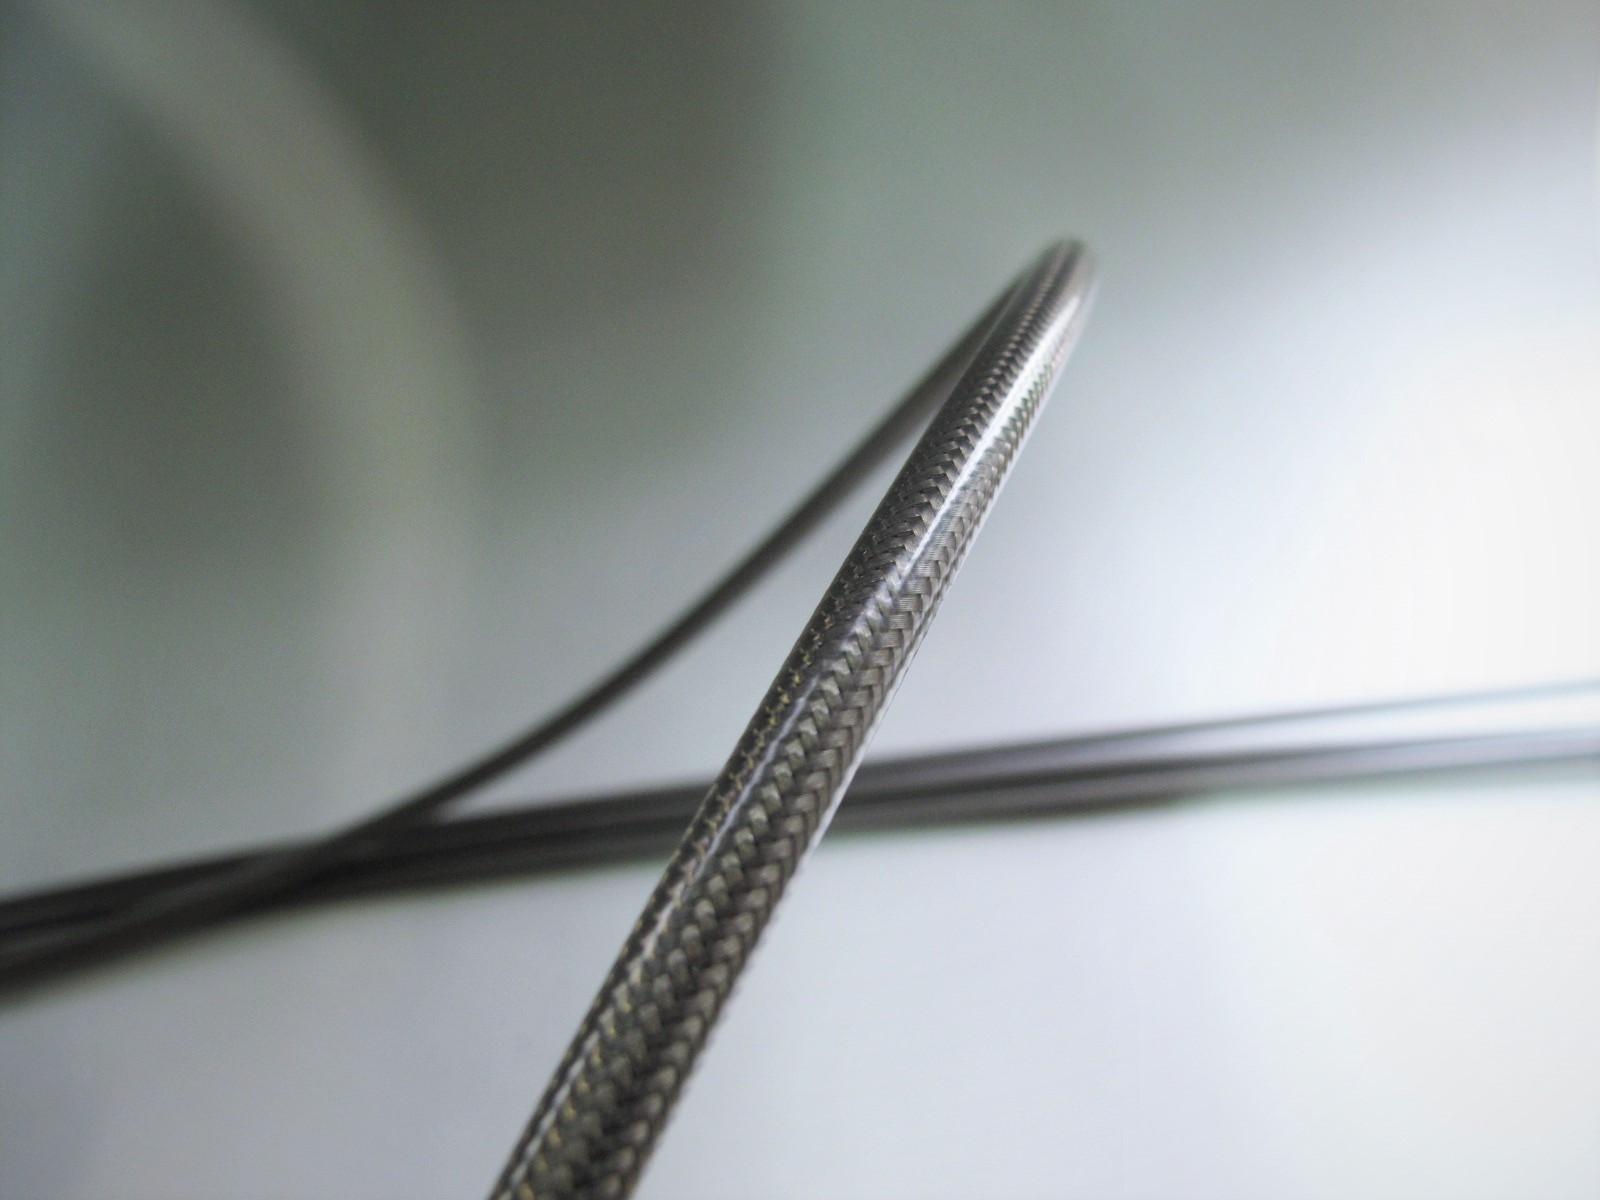 혼다 CB1100 TYPE1(SC65E) 전용 액셀 와이어 세트 다크 메쉬(STD~300 mm) NEXTDOOR제